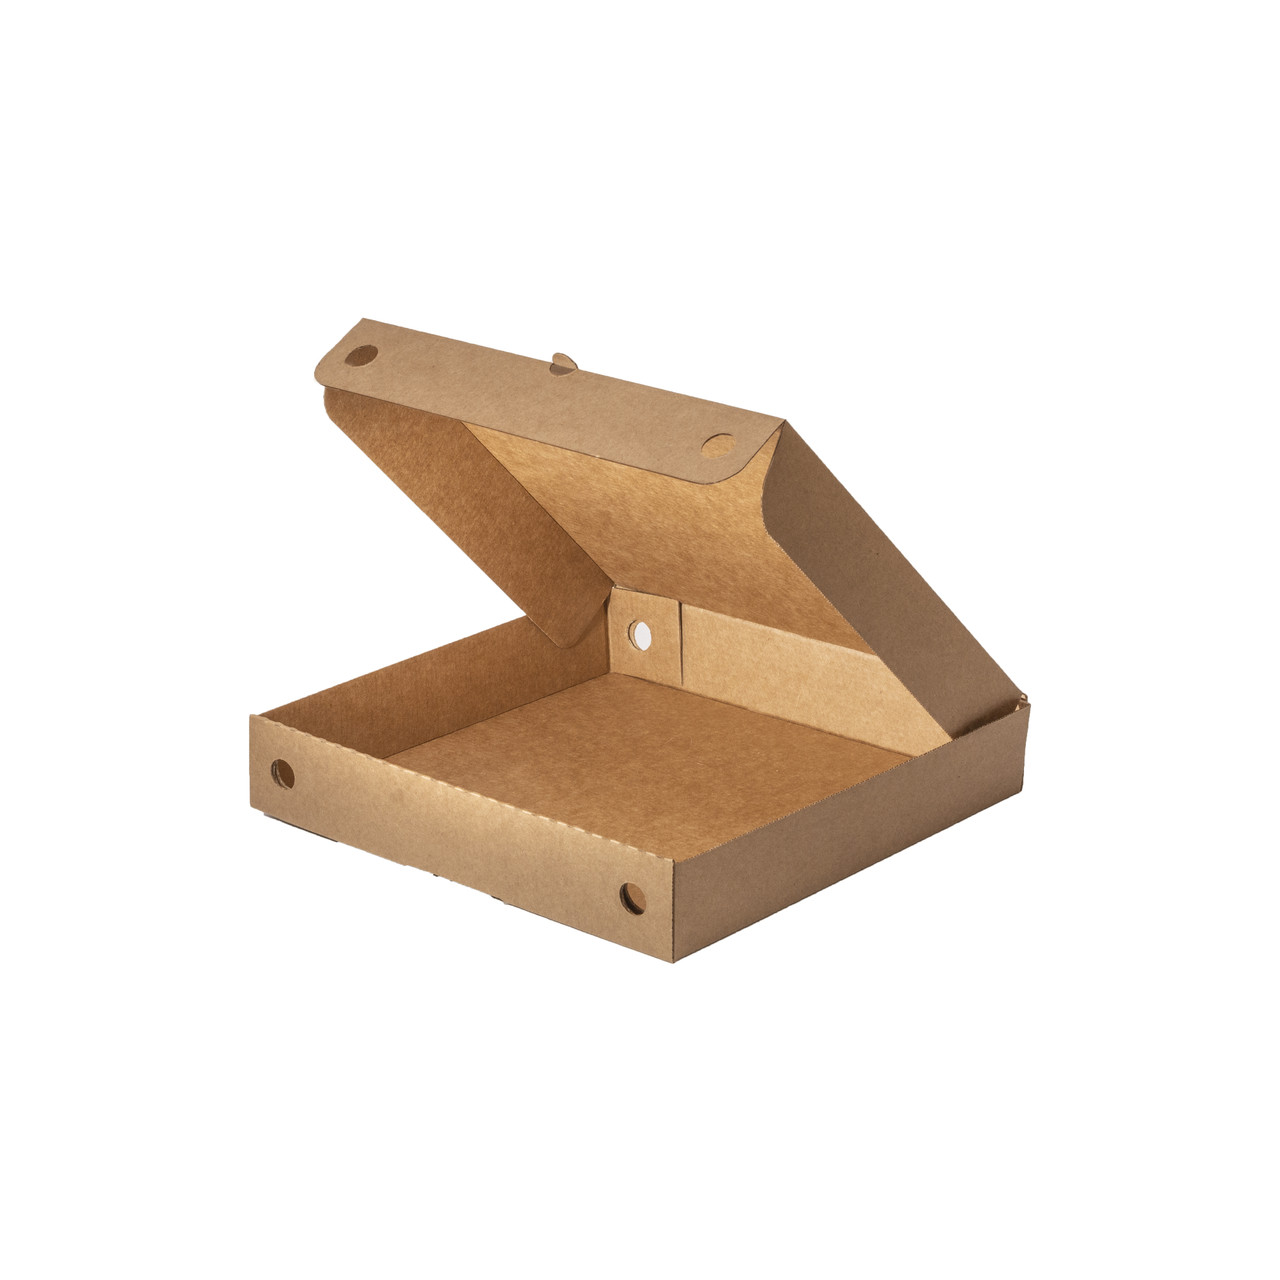 Коробки для пиццы квадратные, 300*300*45 крафт-целлюлоза